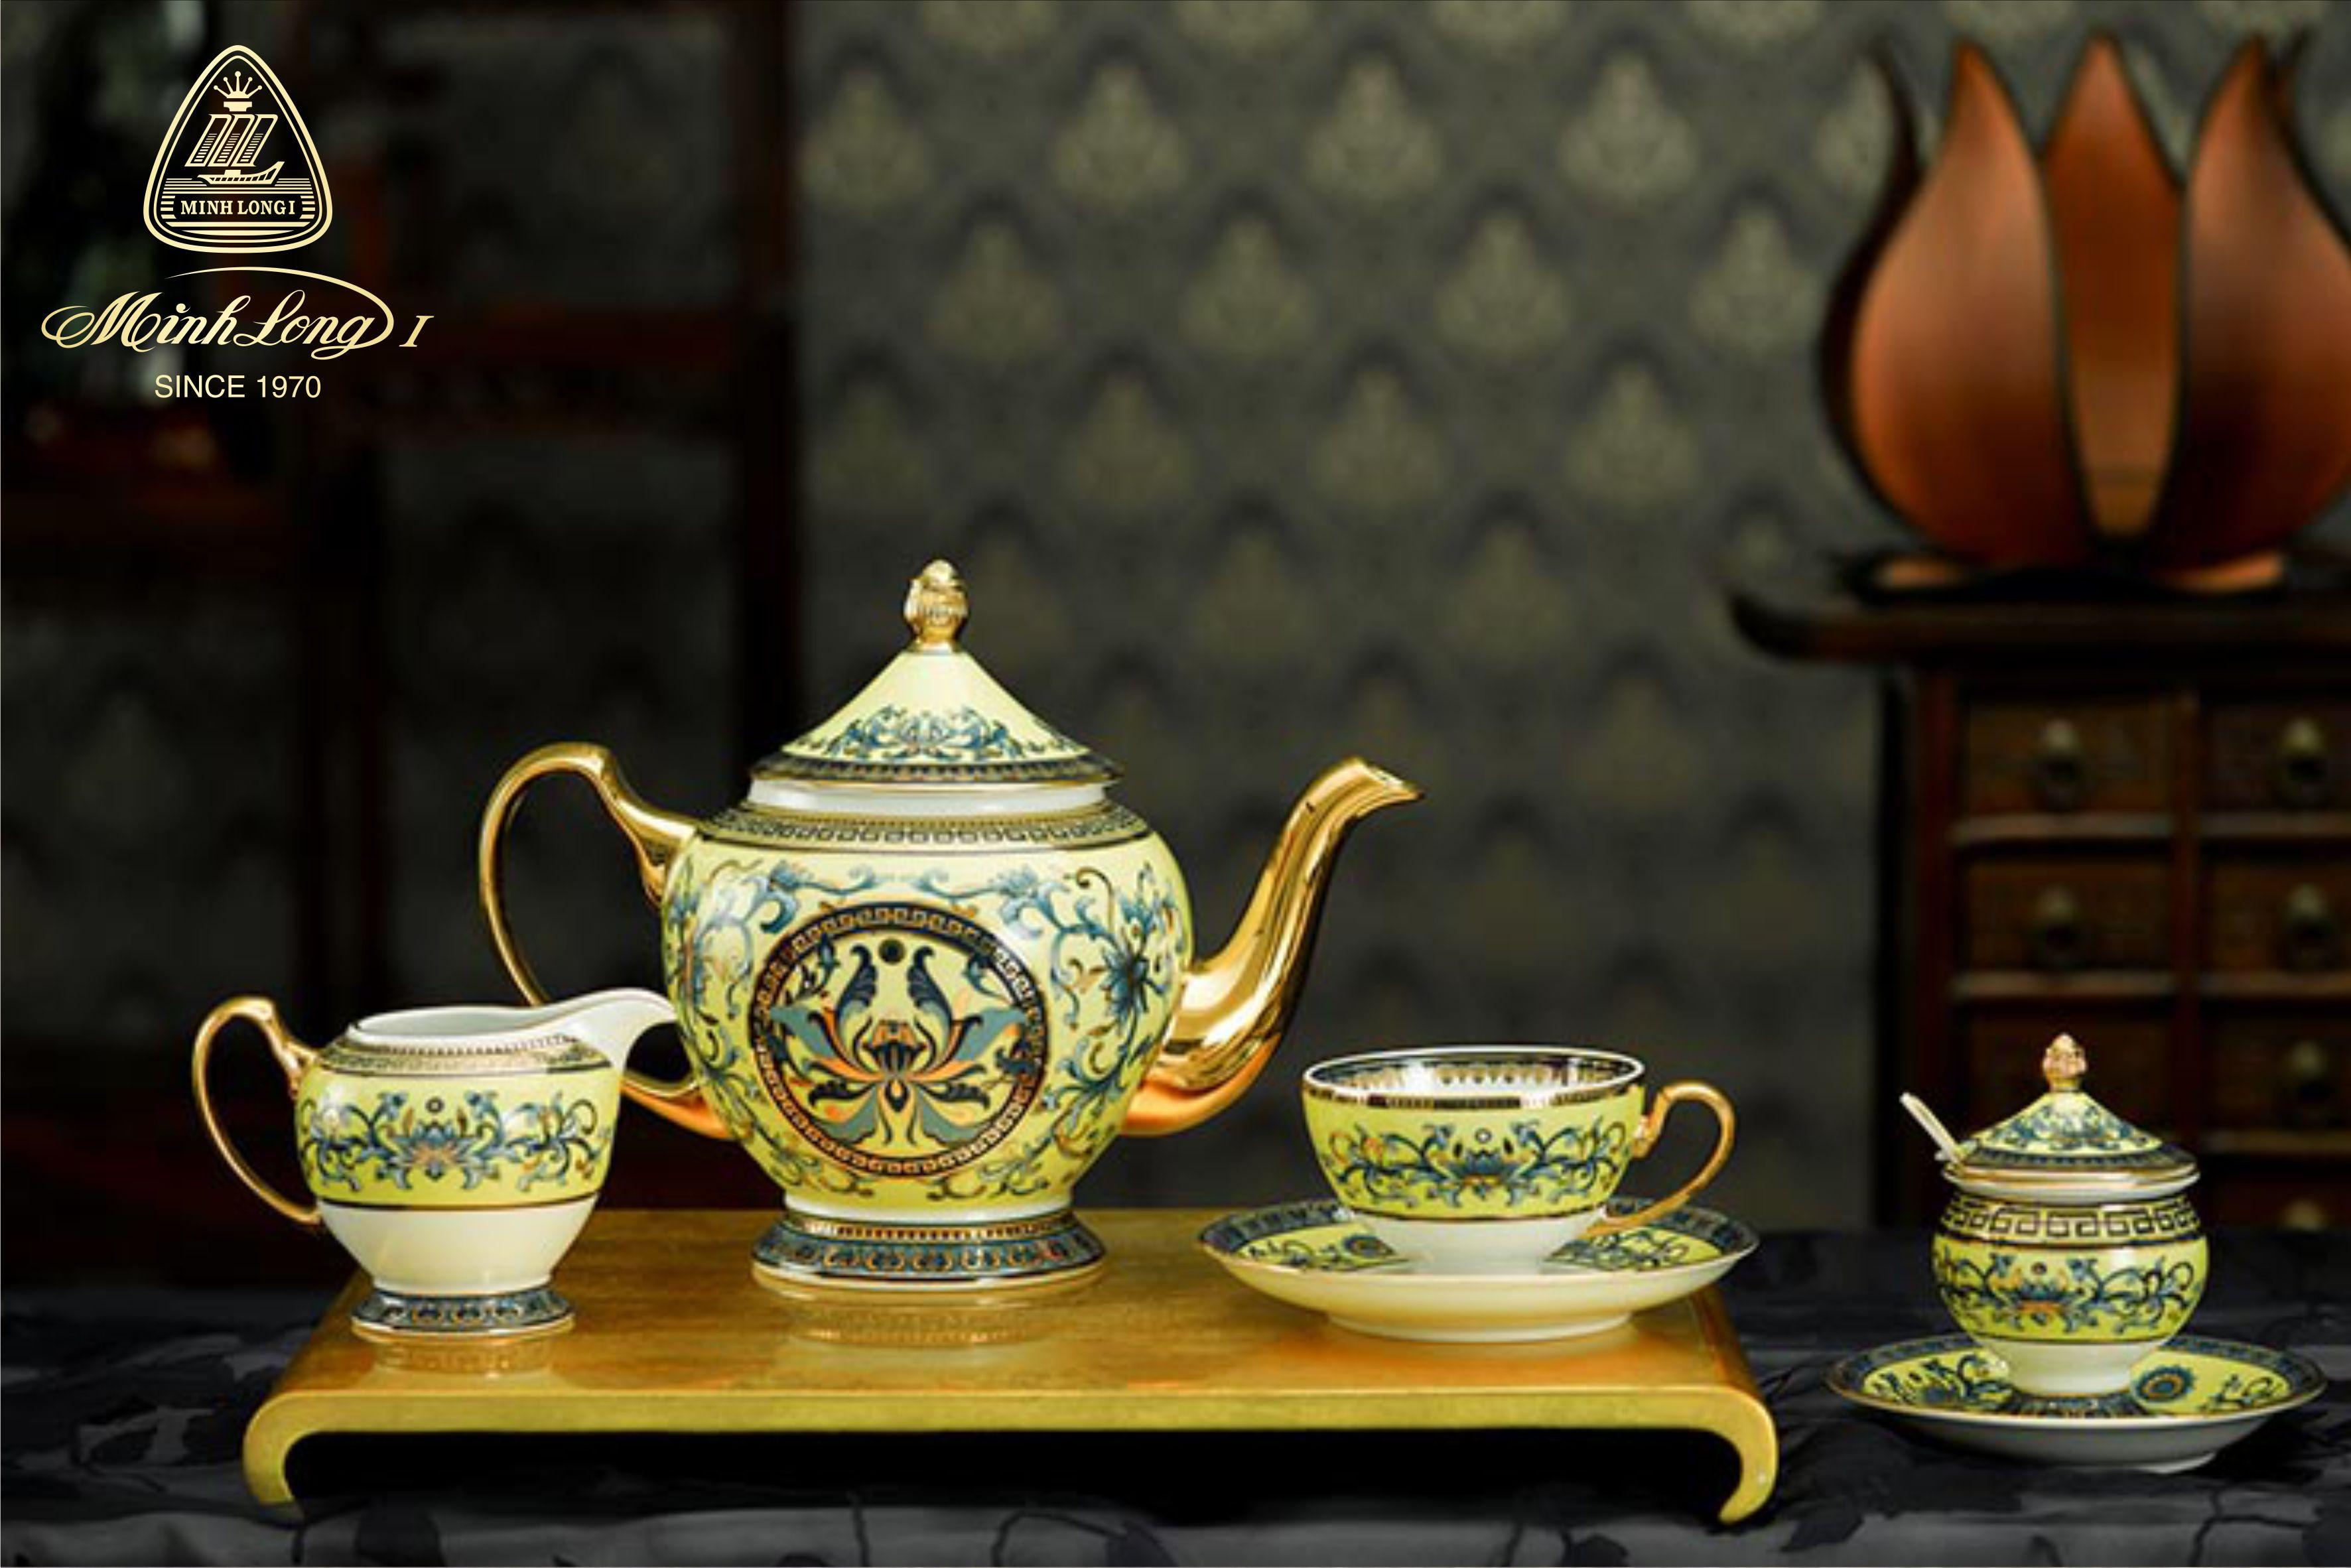 Bộ trà 1.3L Hoàng Cung Hoàng Liên 01134046003 Minh Long